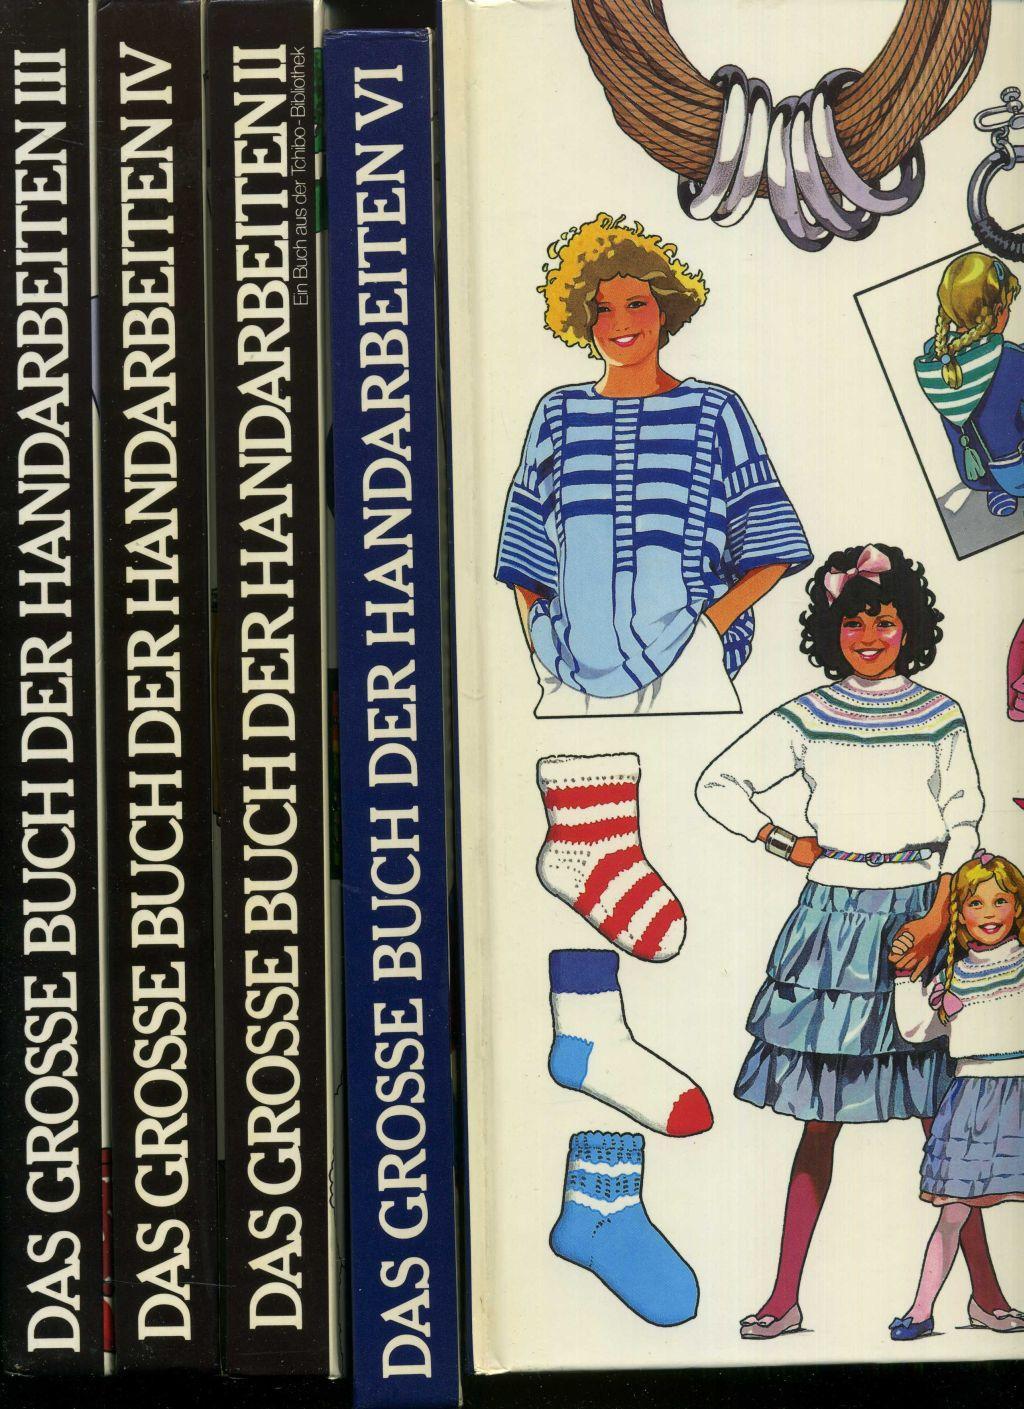 Das Große Buch Der Handarbeiten Konvolut Von 5 Bänden Band Ii